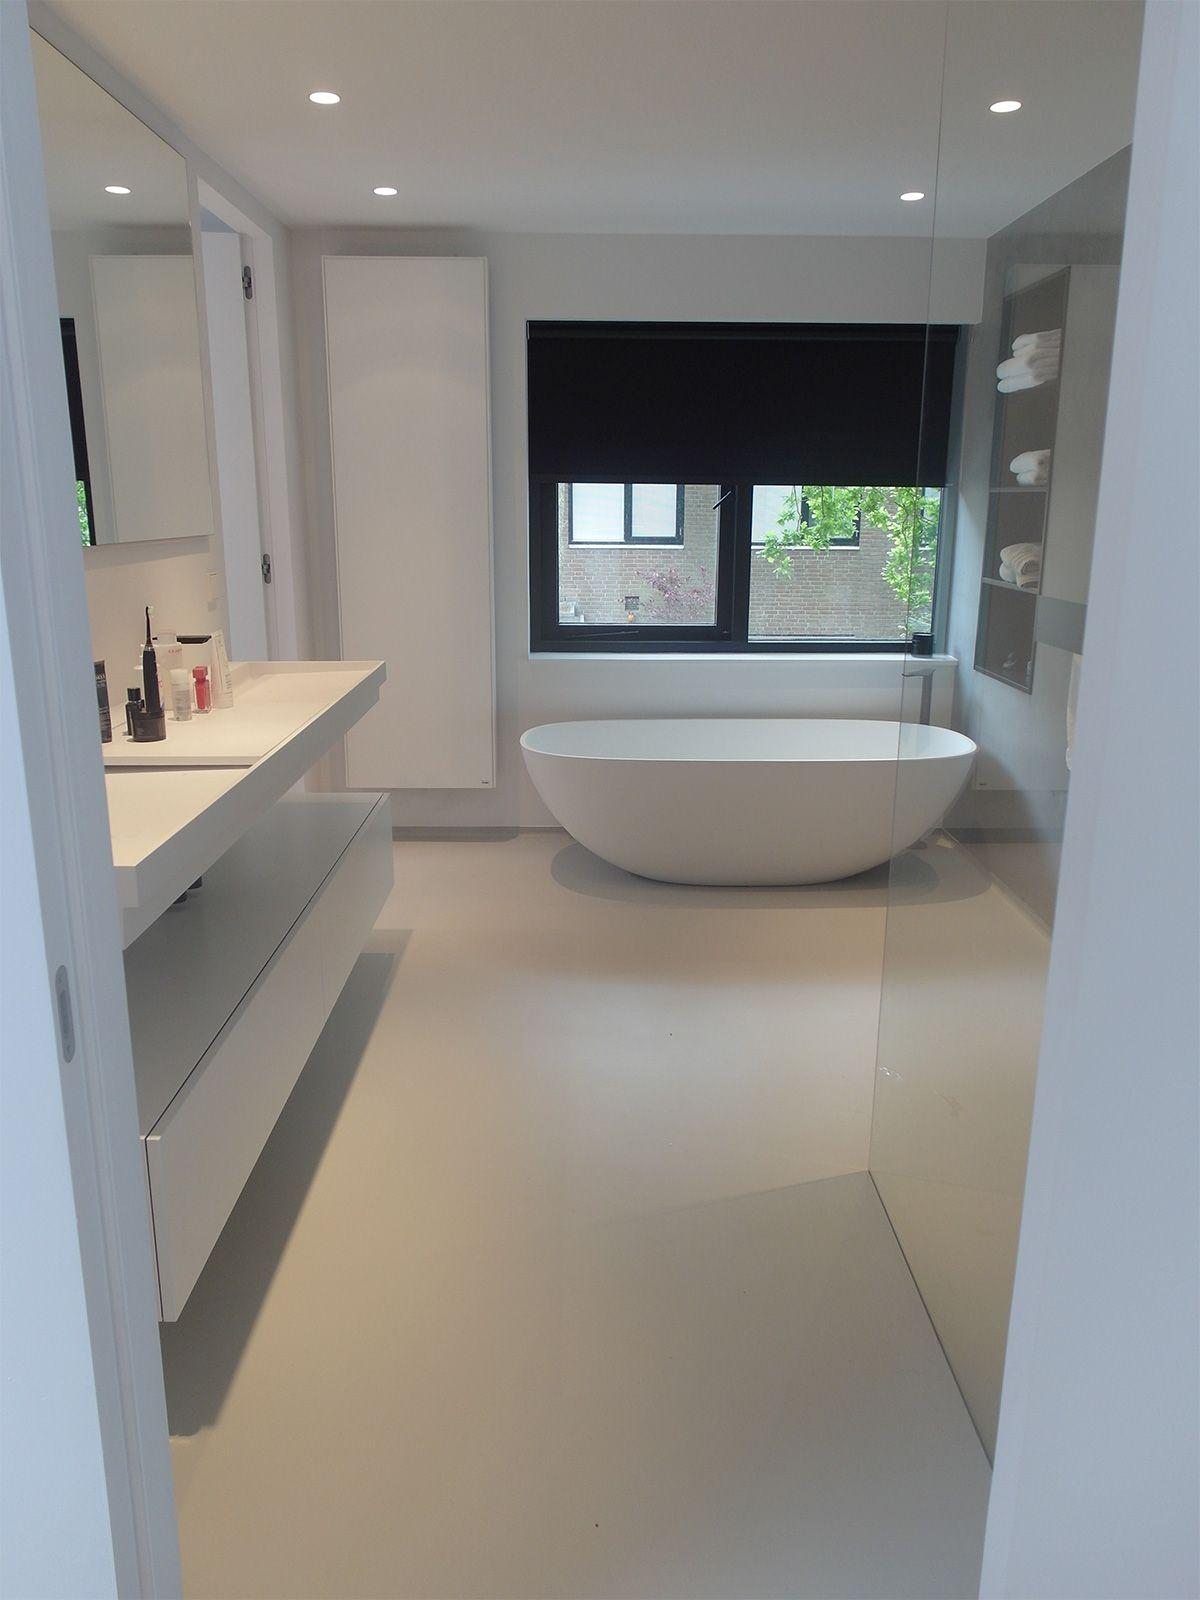 Gietvloer en microcement badkamer wit grijs | Bathroom id\'s for home ...